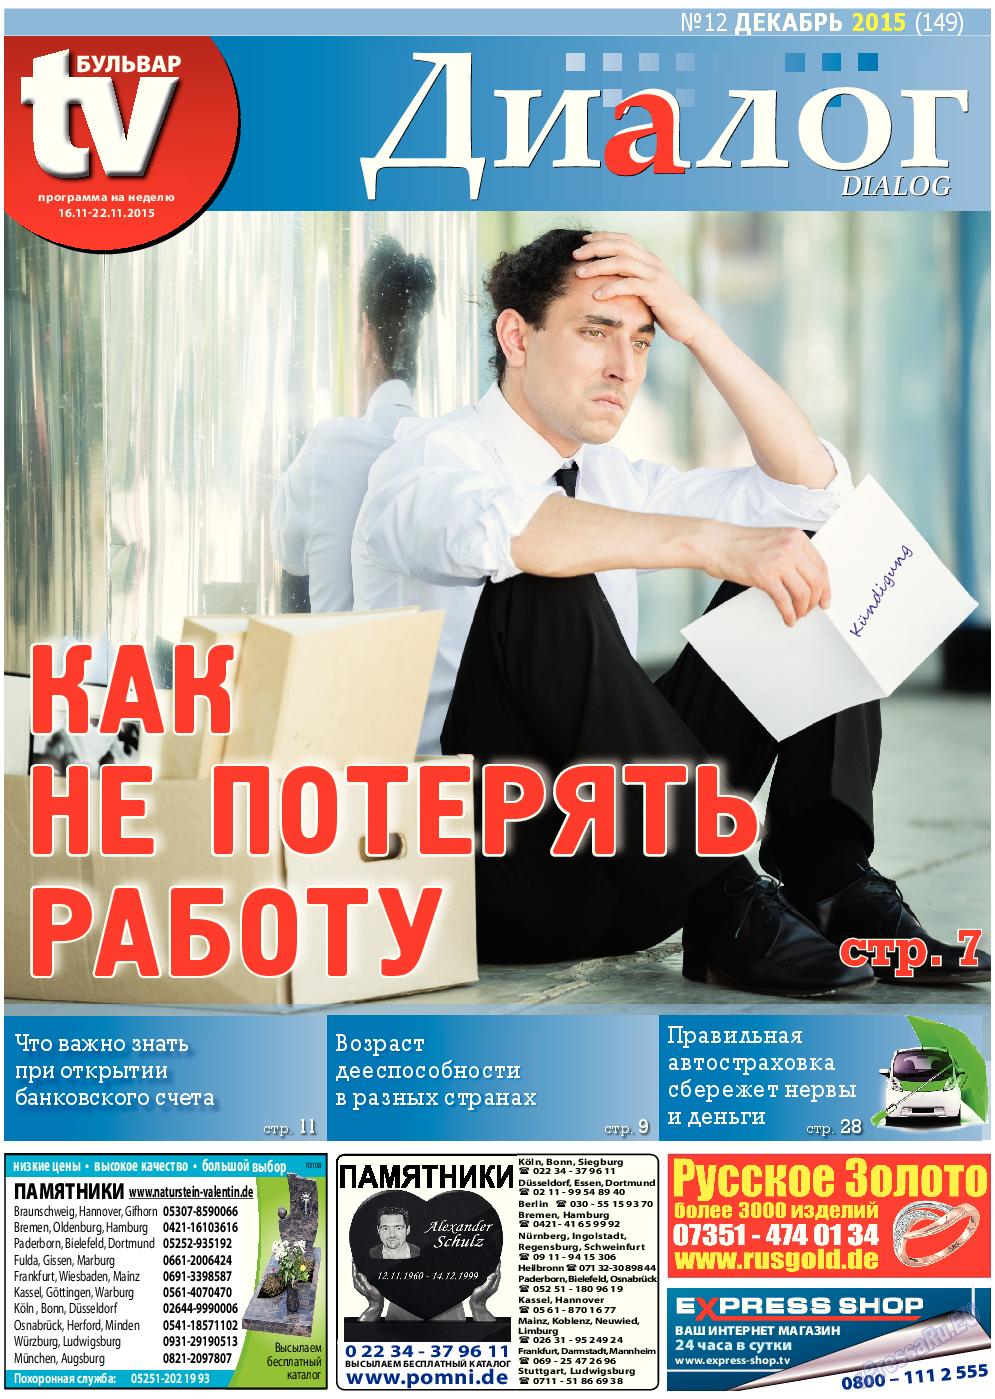 Диалог (газета). 2015 год, номер 12, стр. 1